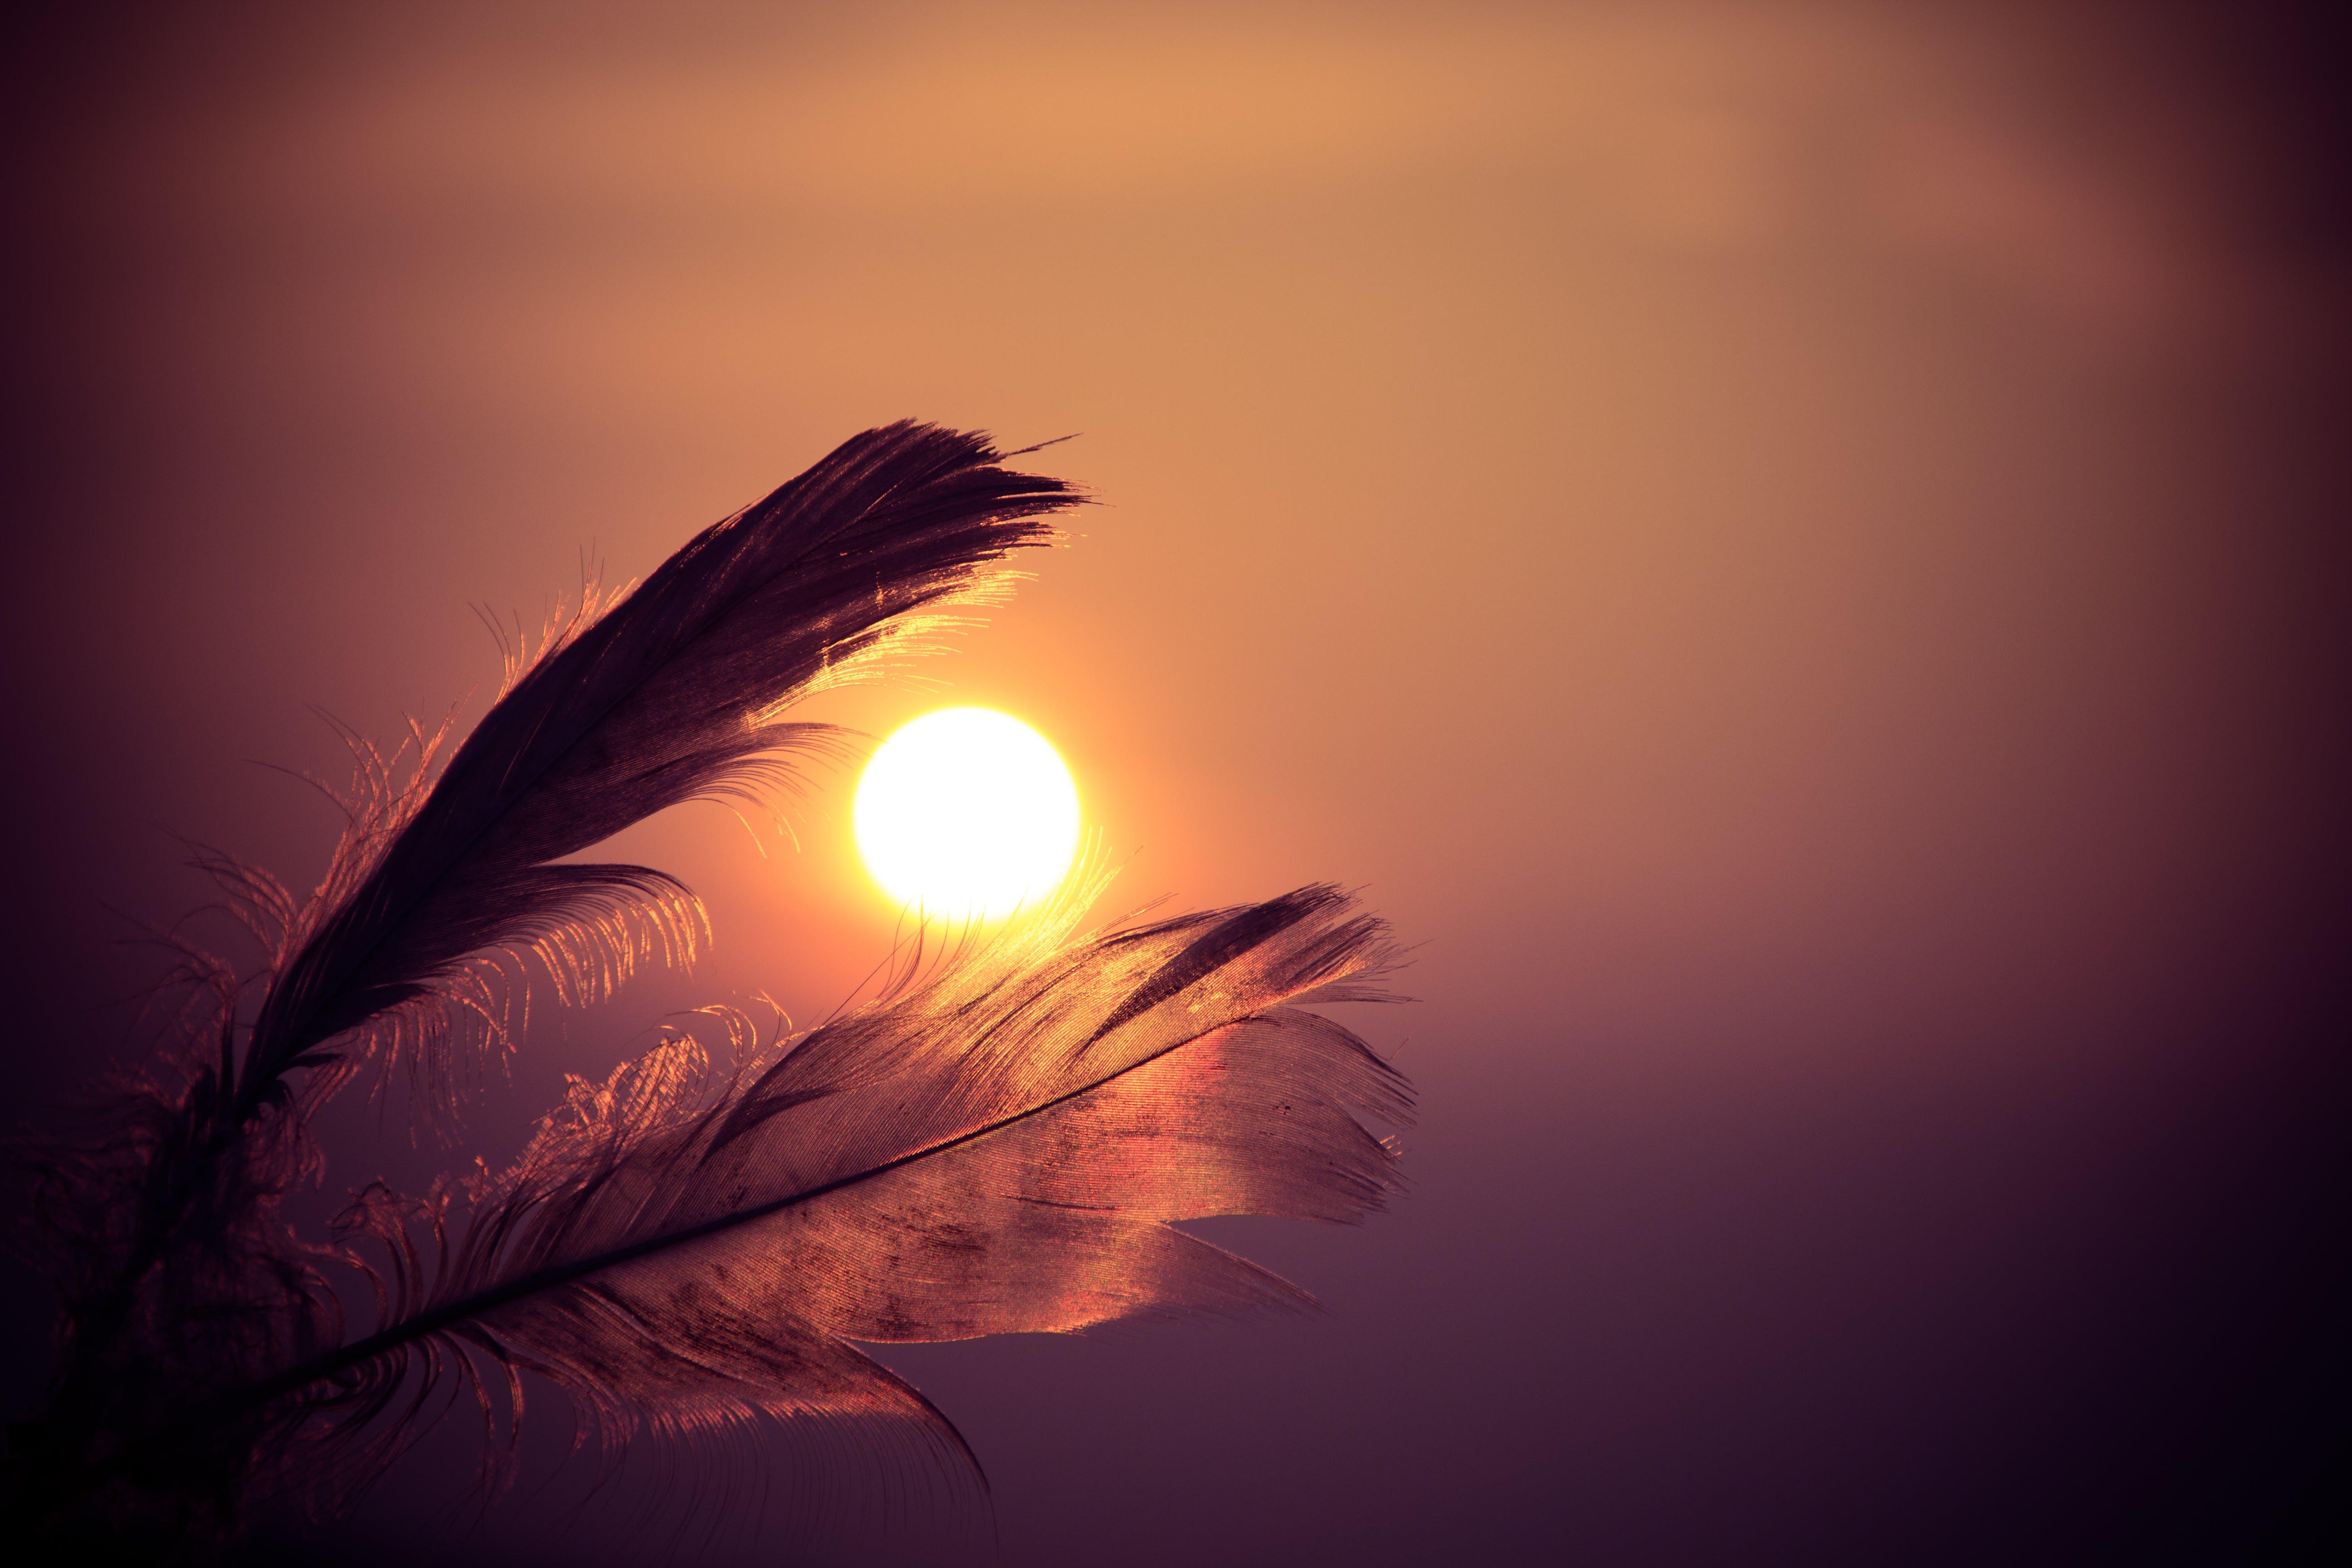 feathers, sky, sun